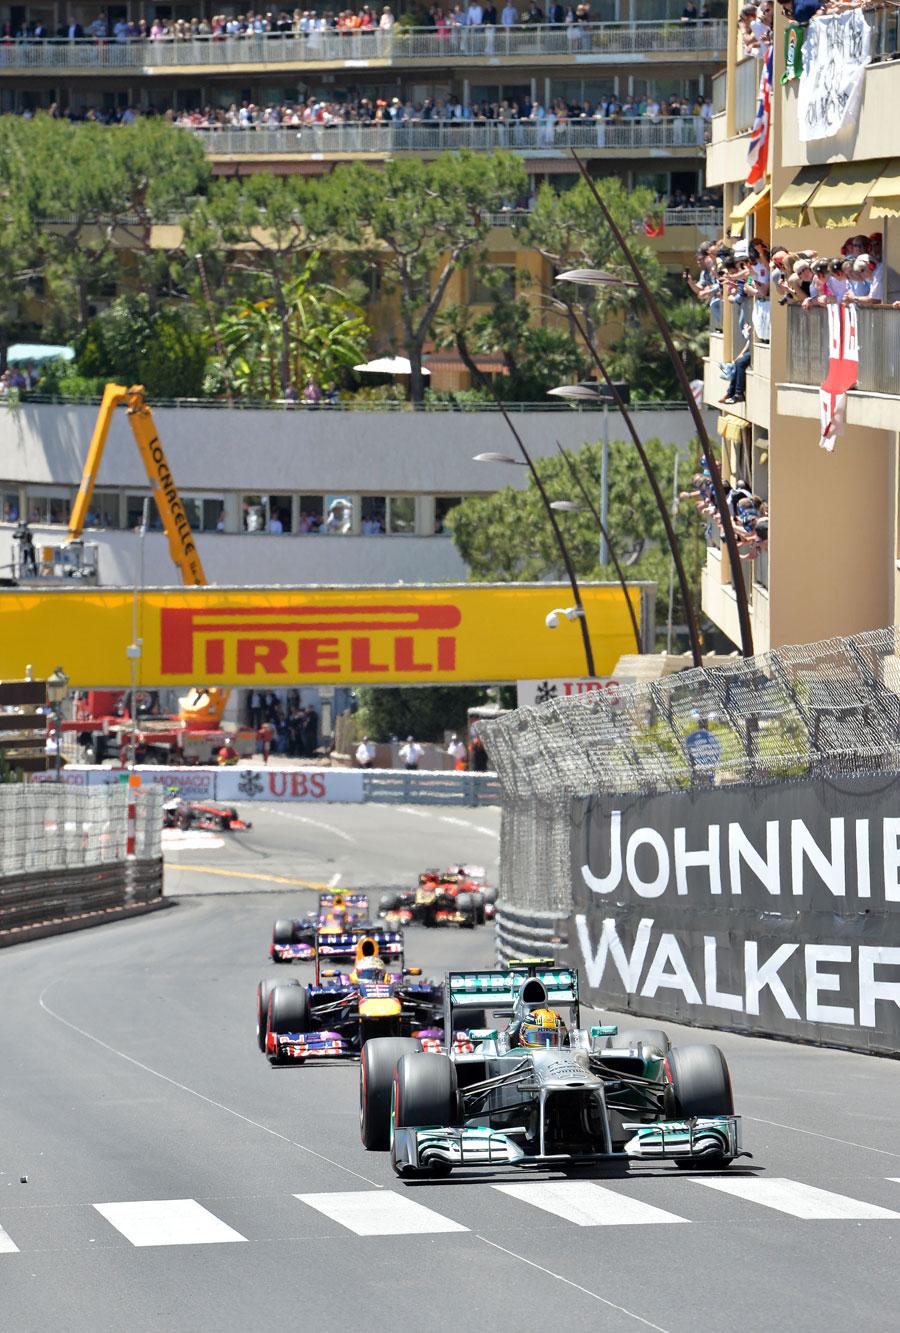 Lewis Hamilton leads Sebastian Vettel and Mark Webber up towards Massenet